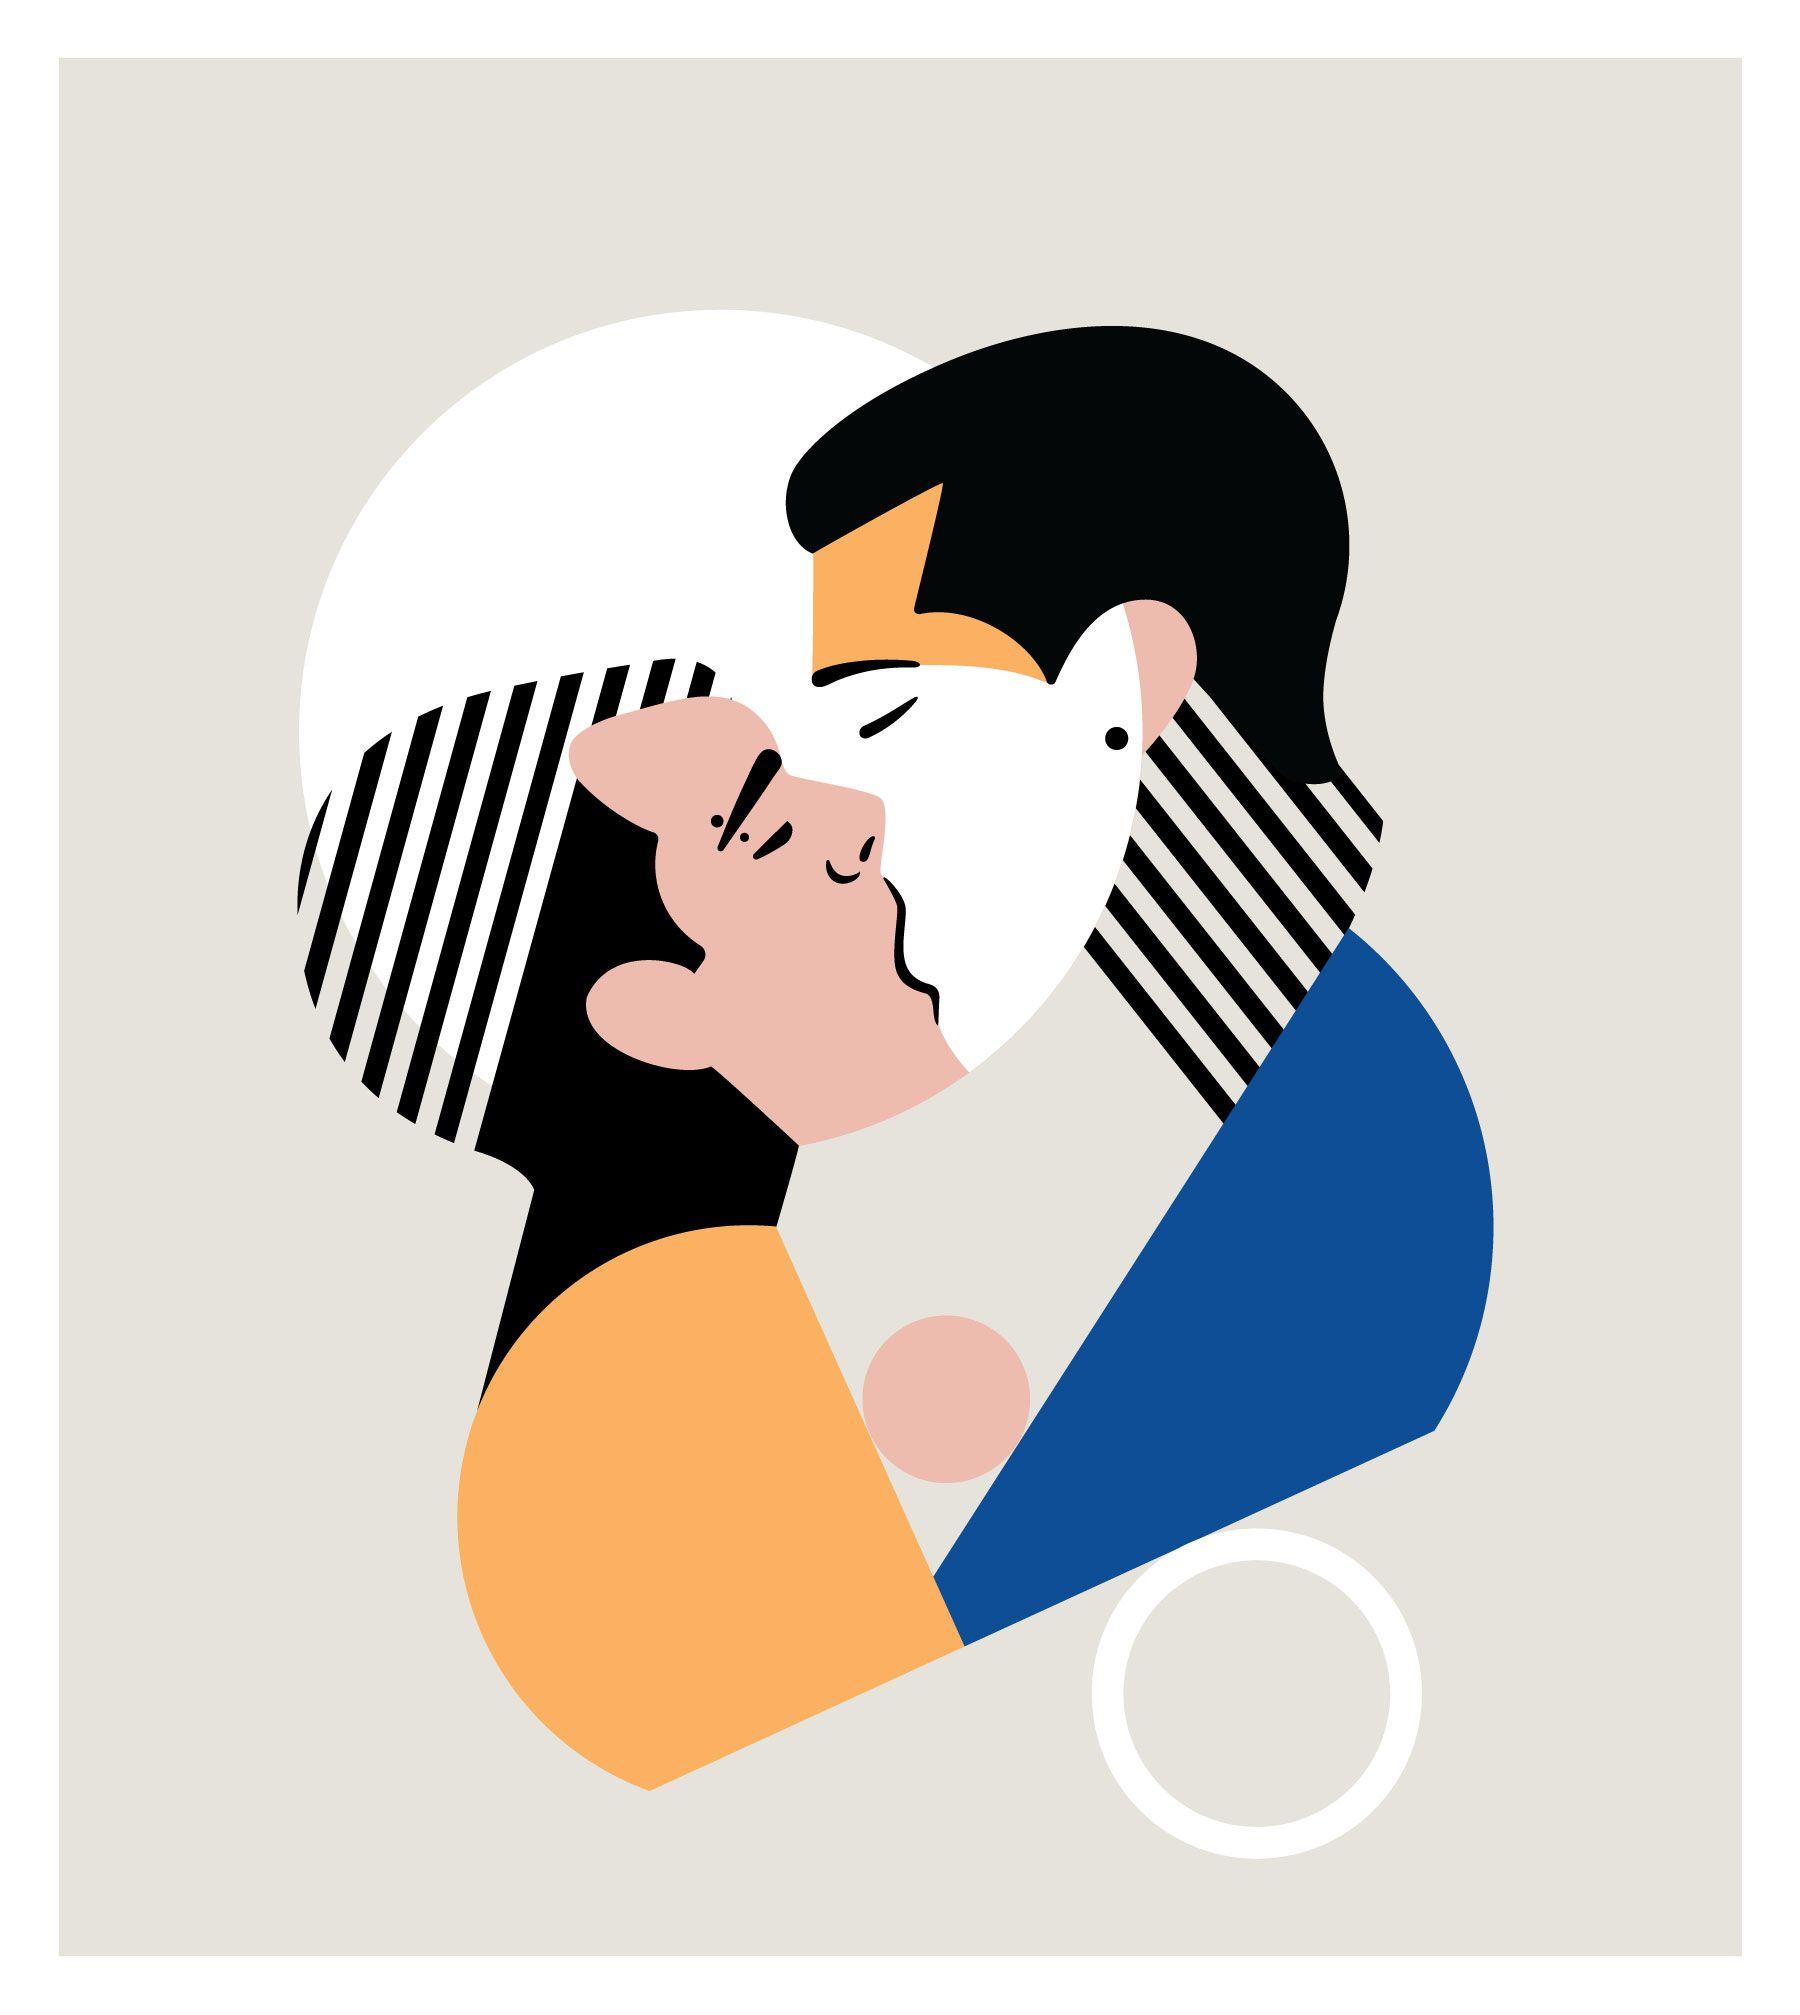 Gay kissing illustration celebrating pride month LGBT